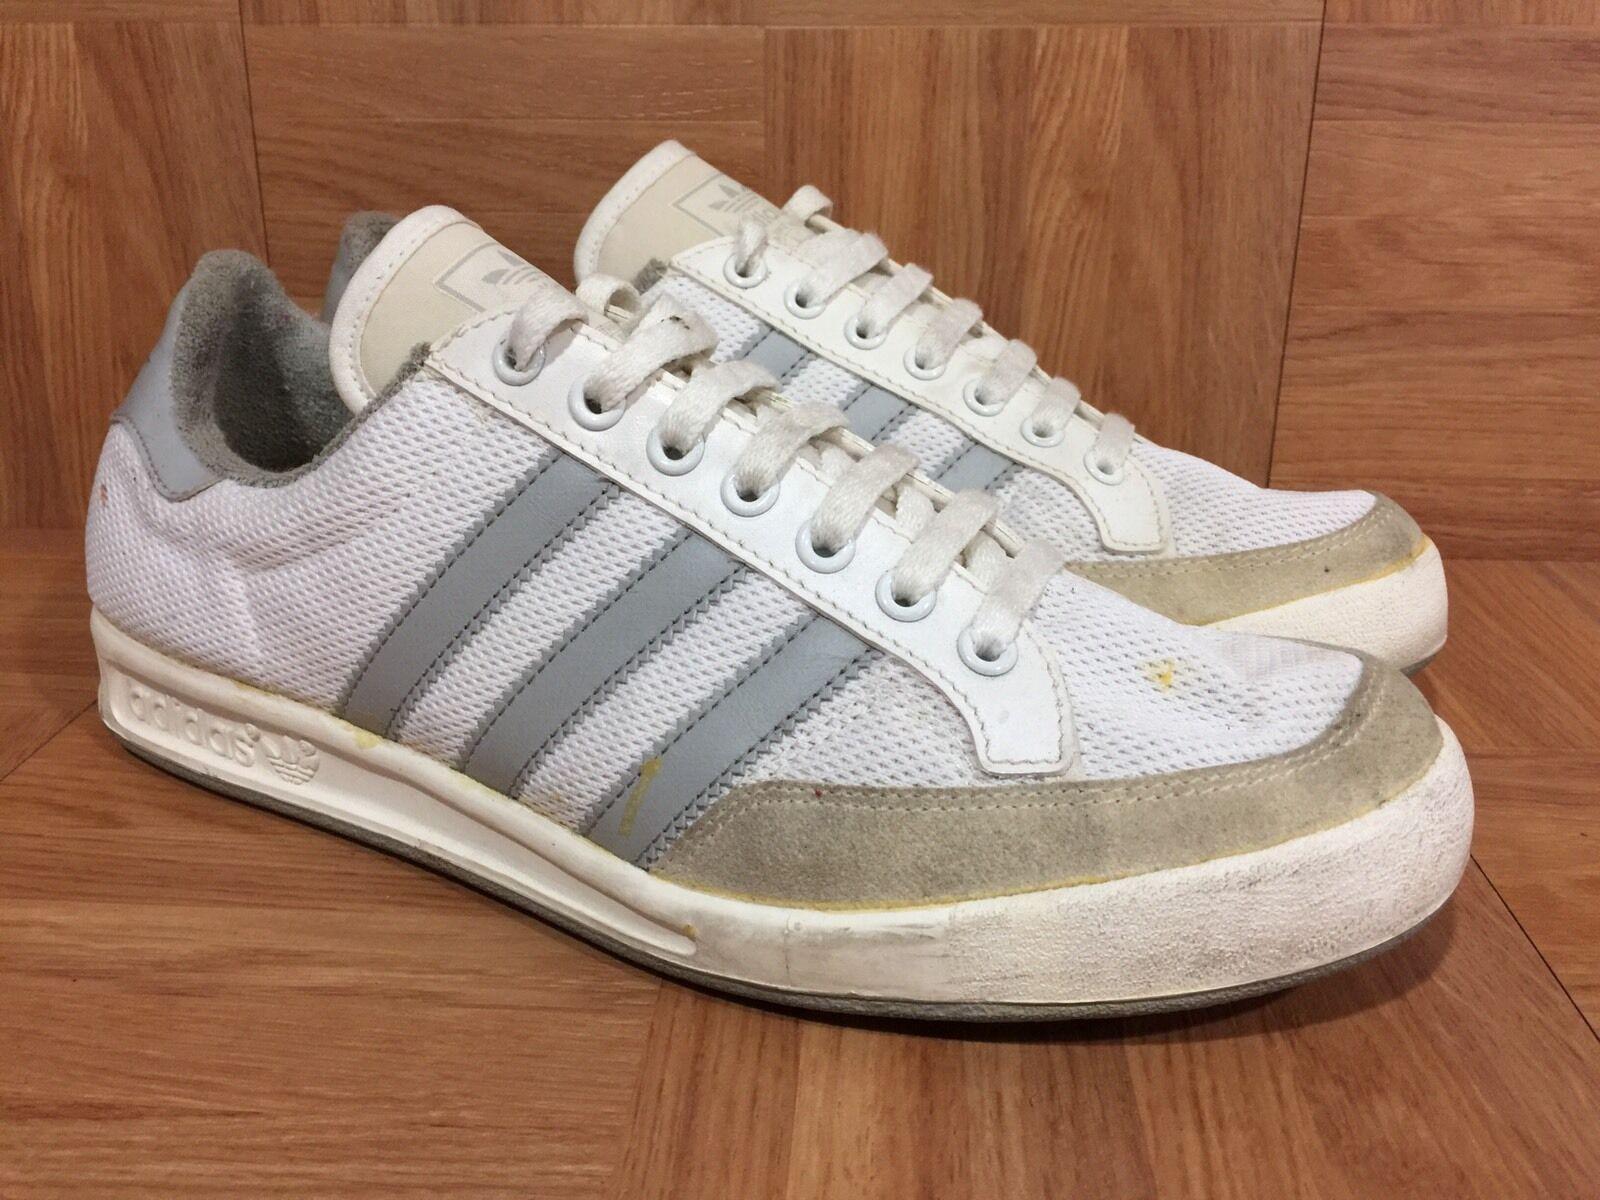 Vintage Adidas Athletic Shoes Men's Size 10 Court Lendl Lendl Lendl Edberg 80's Stan Smith ea5c60